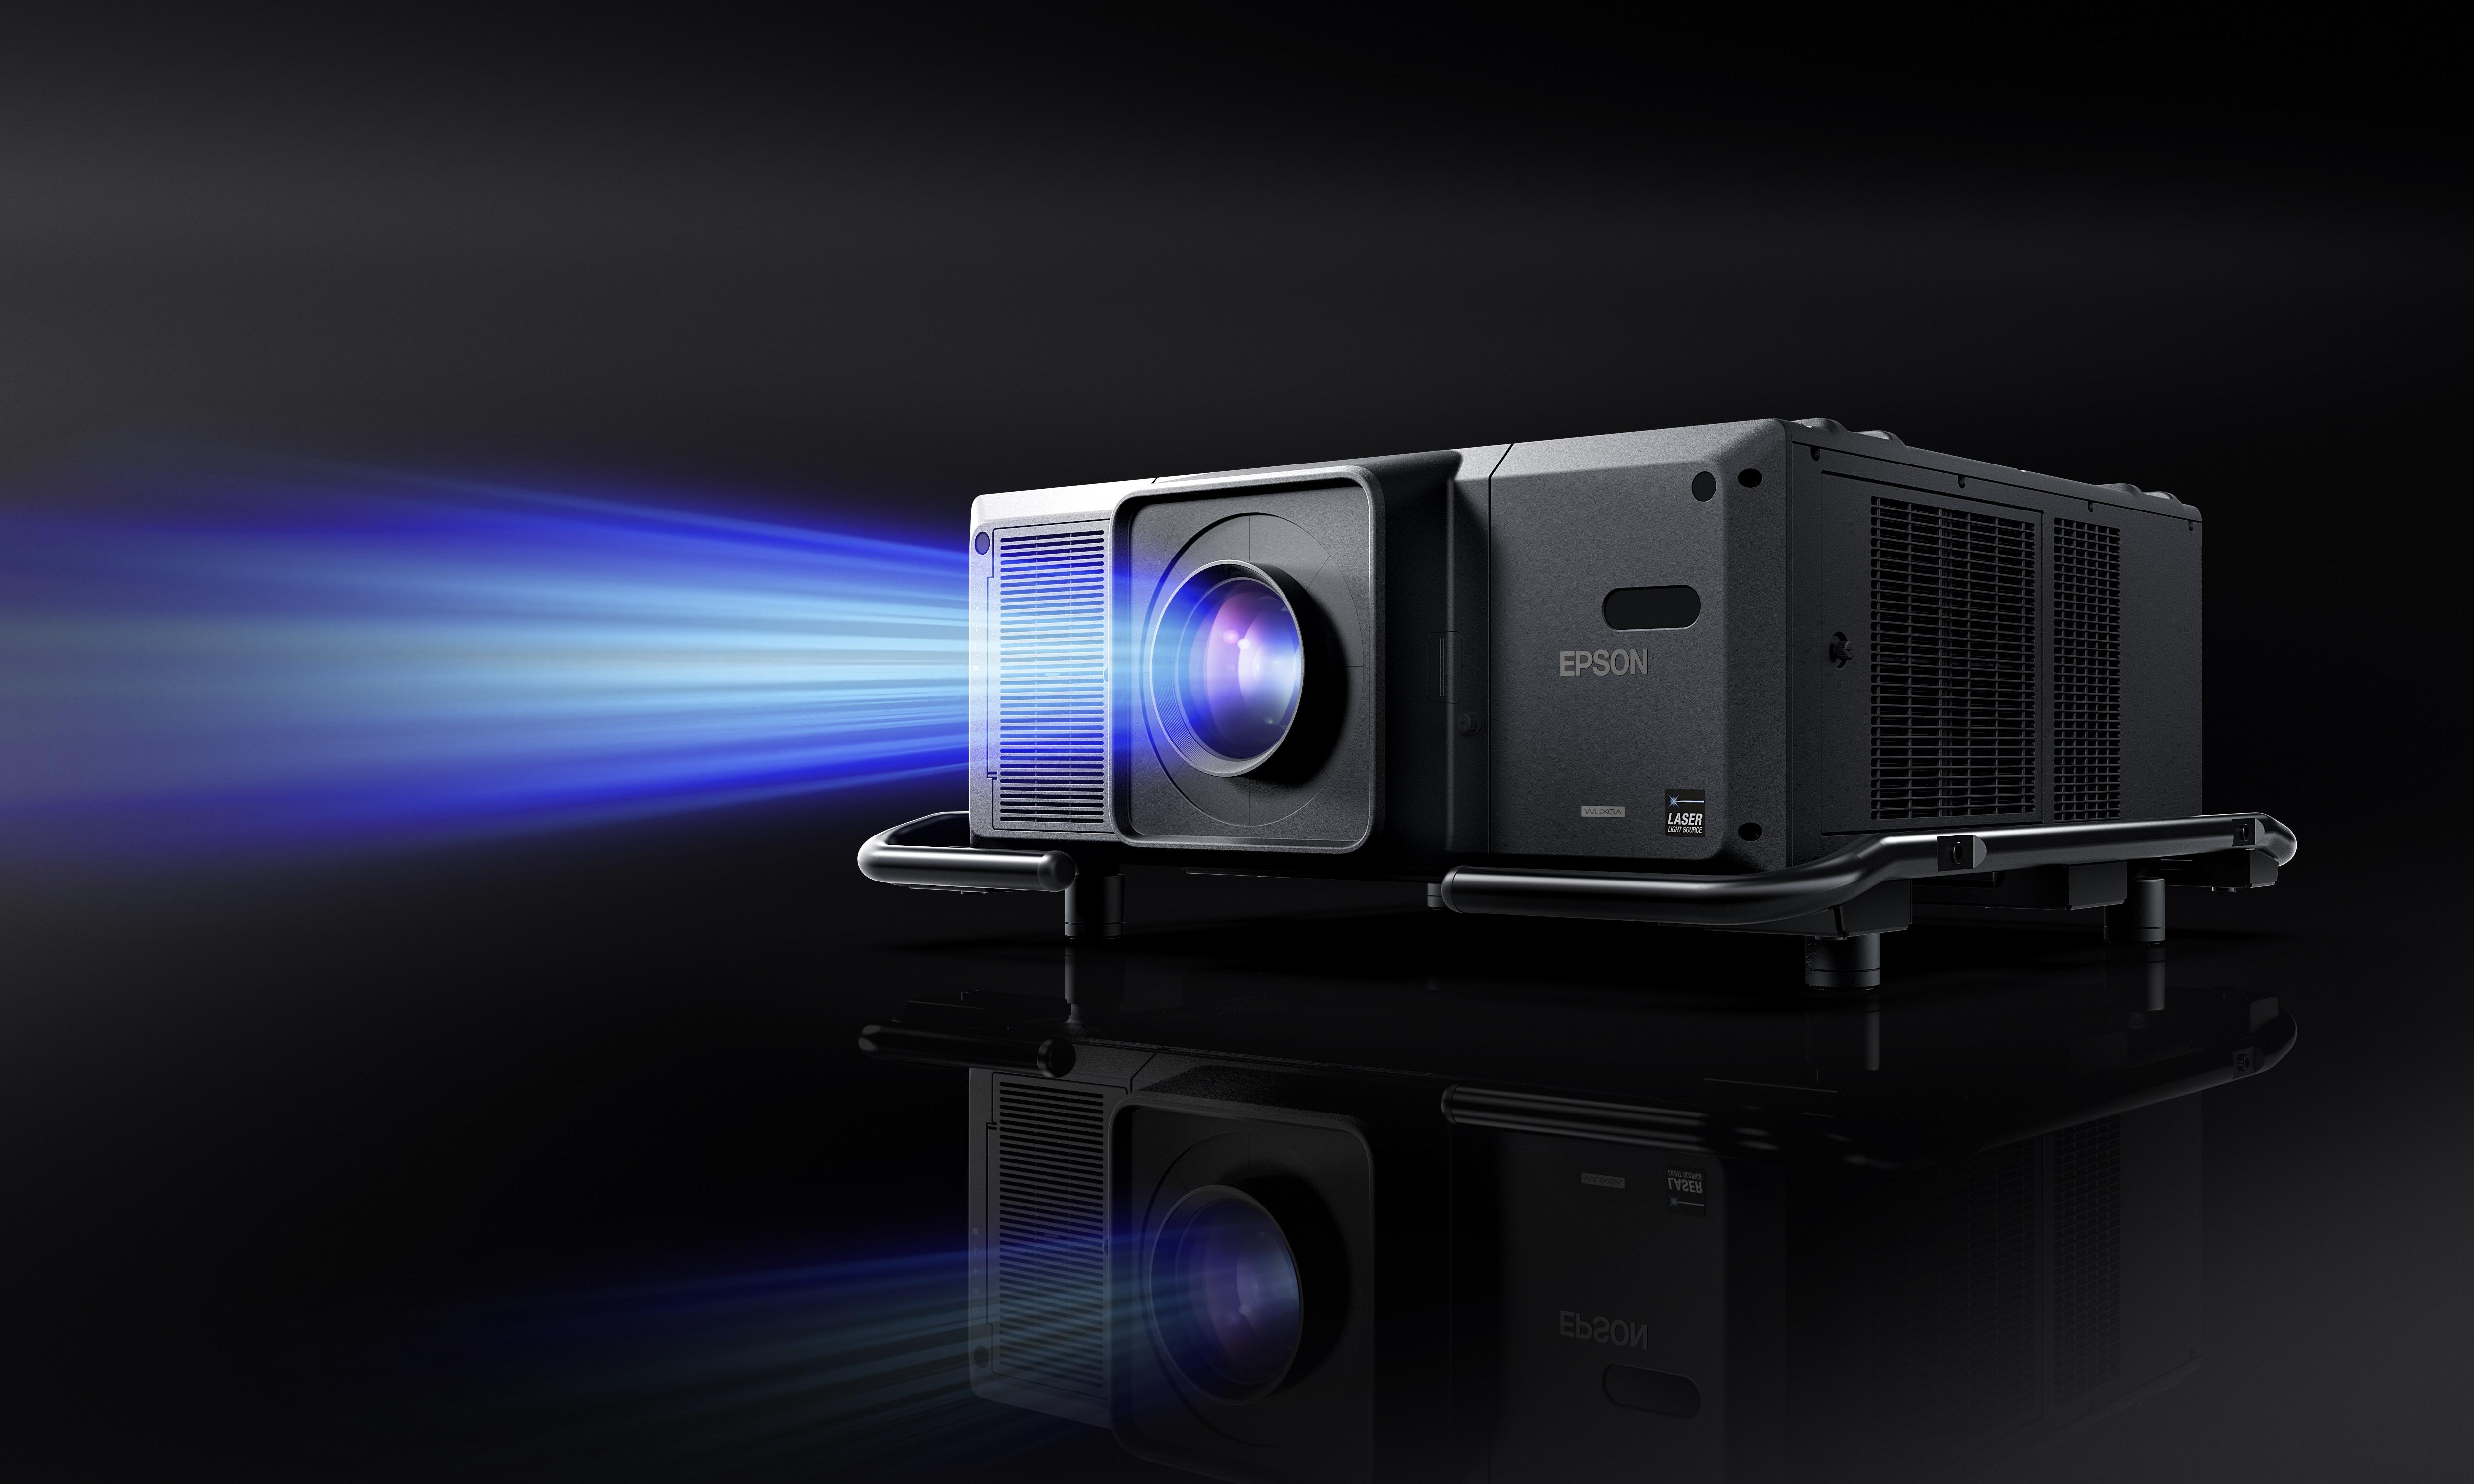 Epson na Kinomural 2021: najjaśniejszy projektor 3LCD na świecie wyświetli video-art na ścianach kamienic Wrocławia